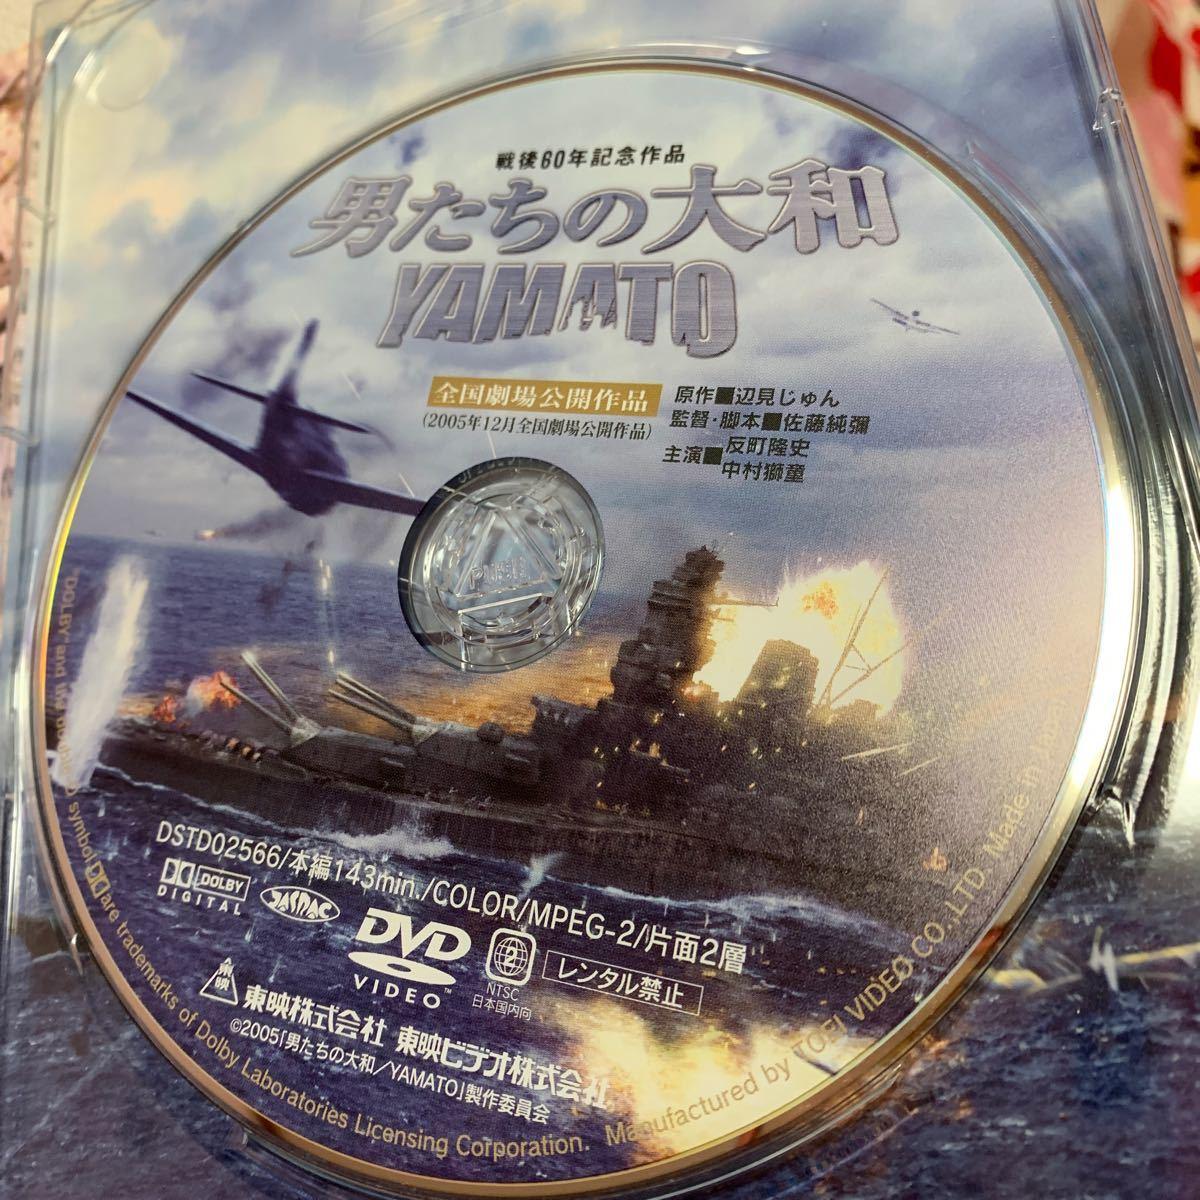 男たちの大和 DVD &CD